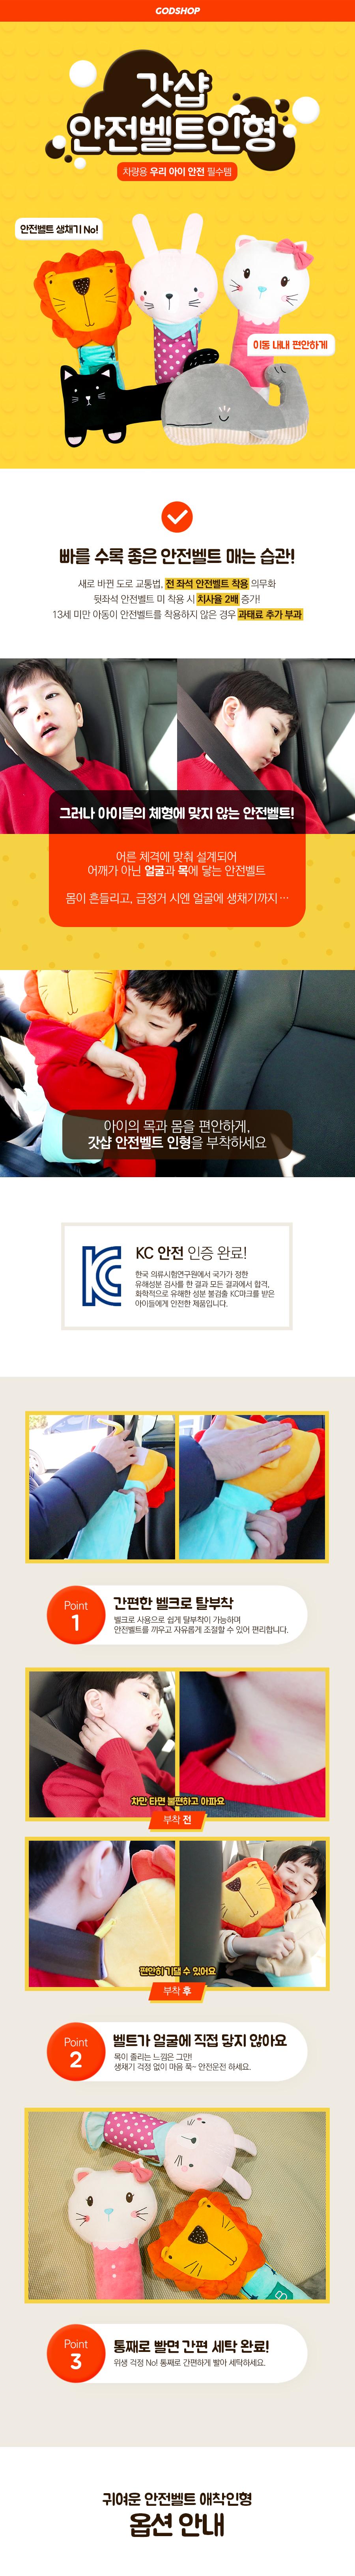 코튼베딩 정품 어린이용안전벨트인형 유아용밸트 허그돌카시트 - 갓샵, 16,900원, 카인테리어, 안전벨트클립 및 커버